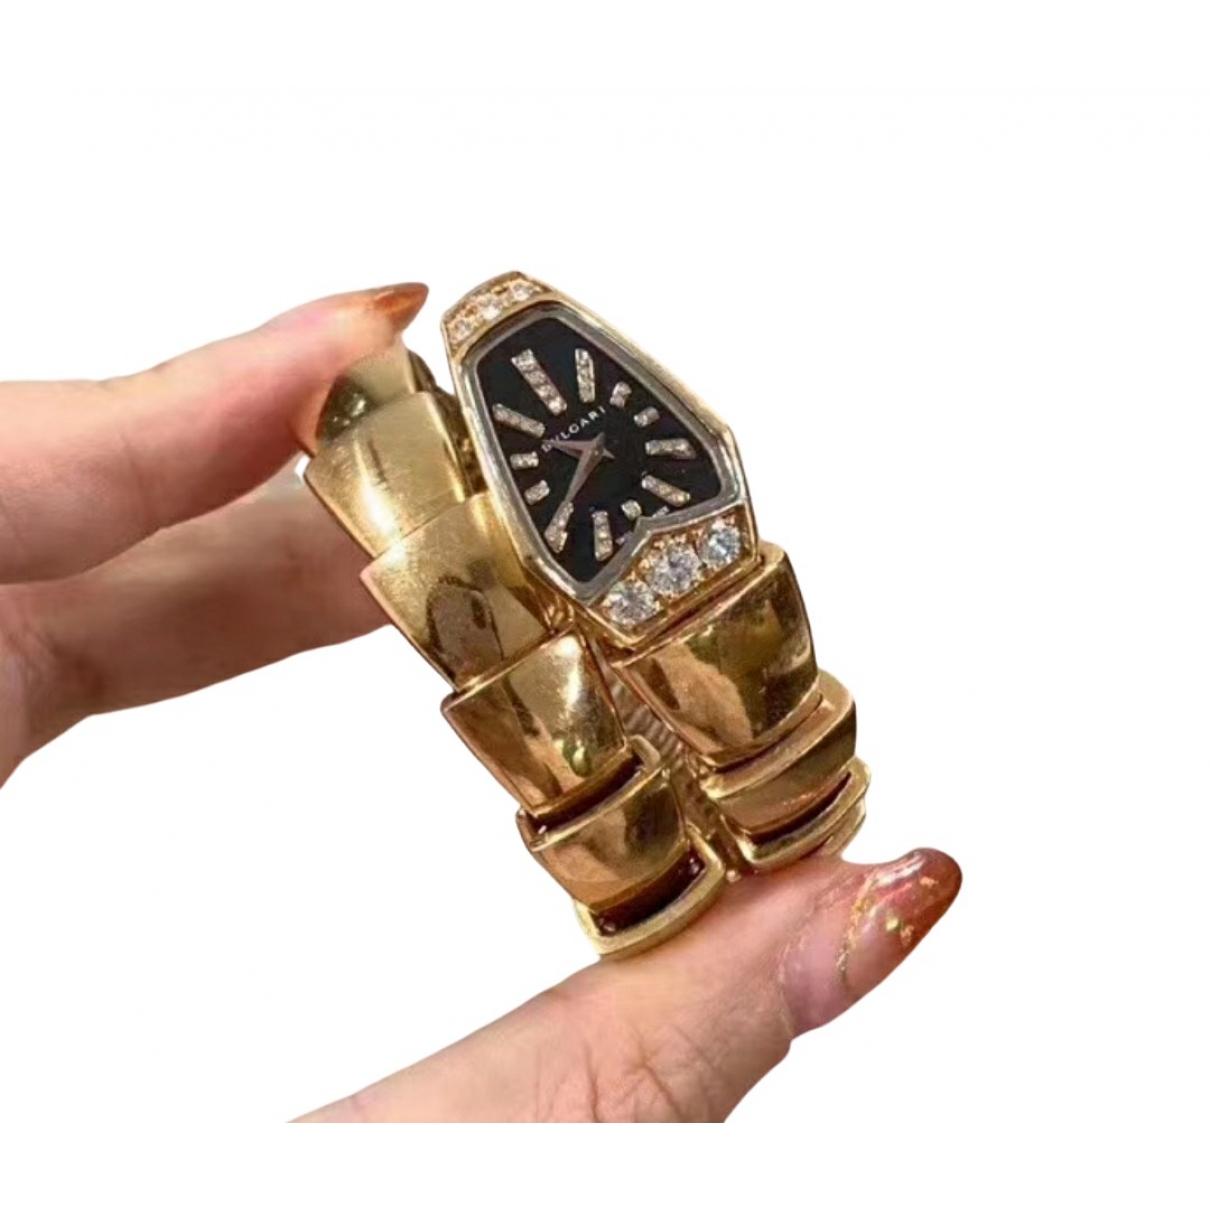 Bvlgari Serpenti Uhr in Gelbgold